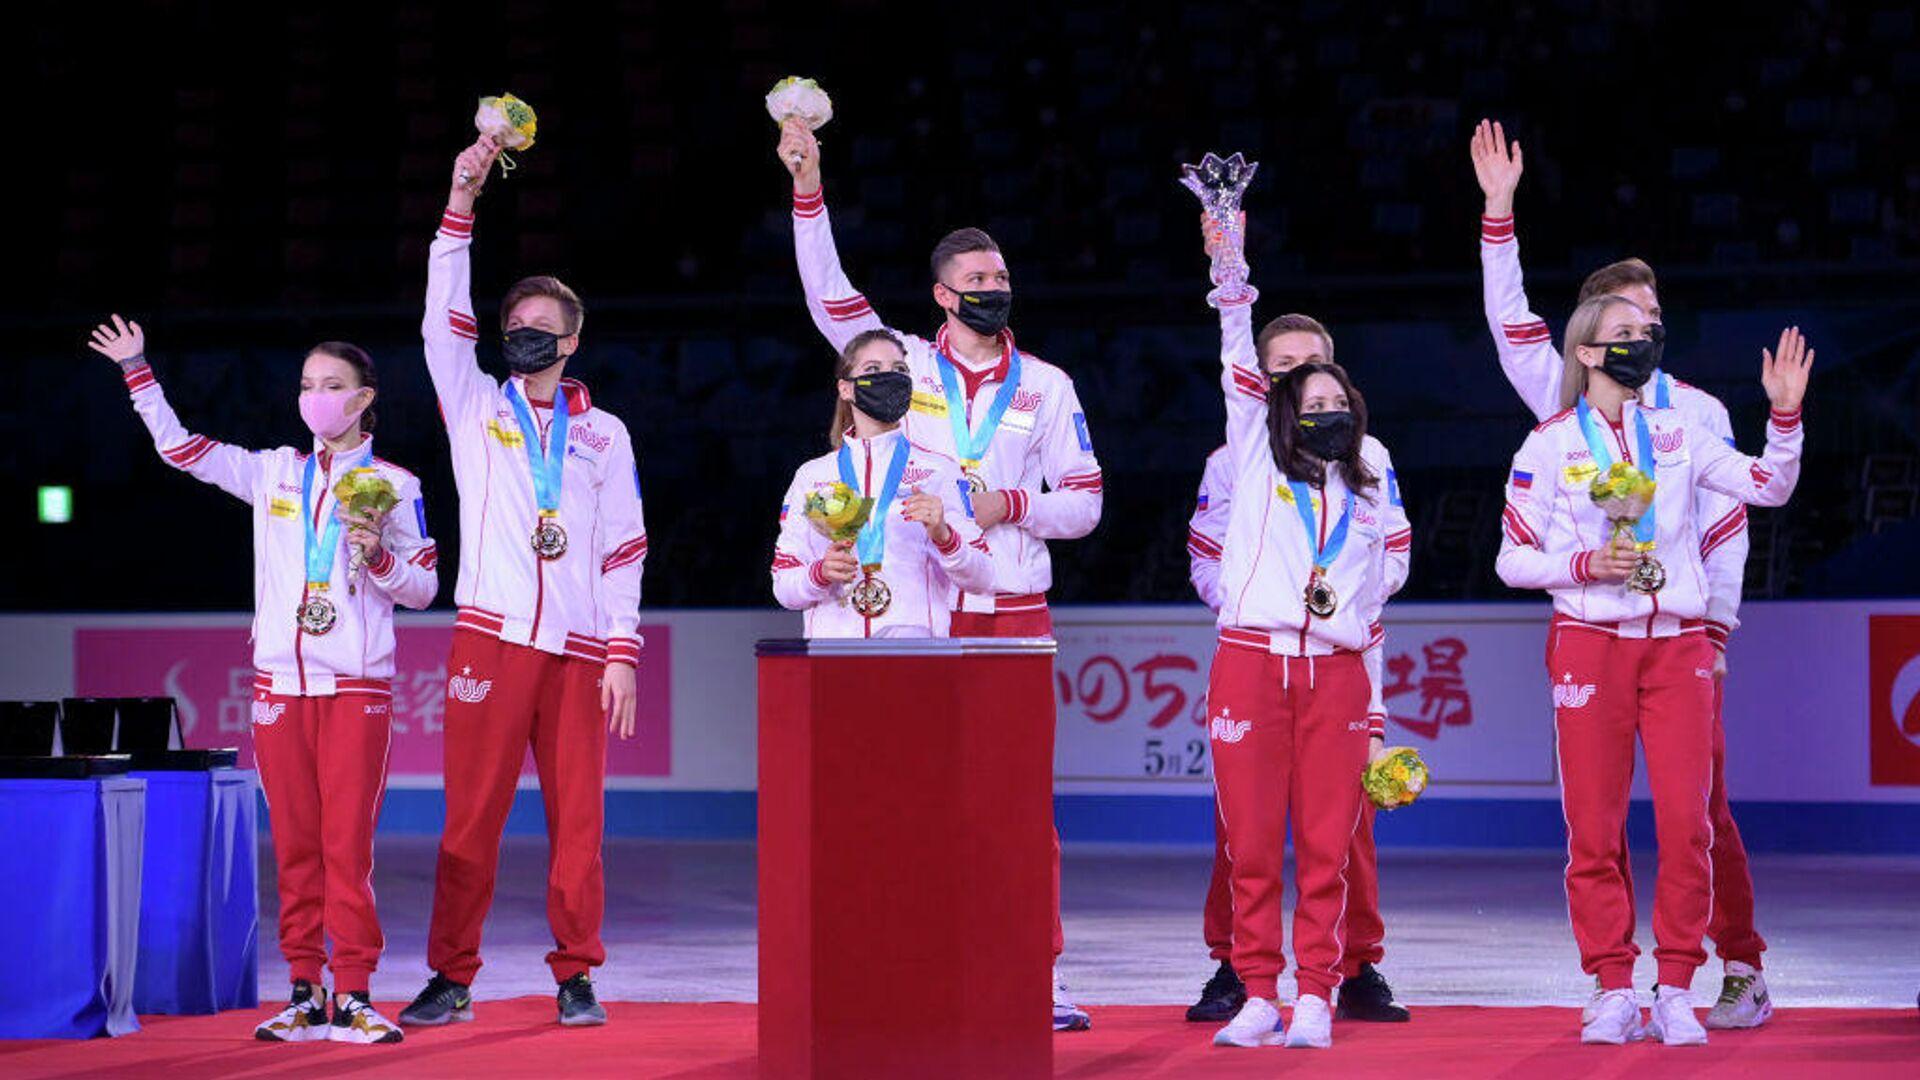 Российские спортсмены на церемонии награждения на командном чемпионате мира по фигурному катанию в Осаке, Япония - РИА Новости, 1920, 18.04.2021